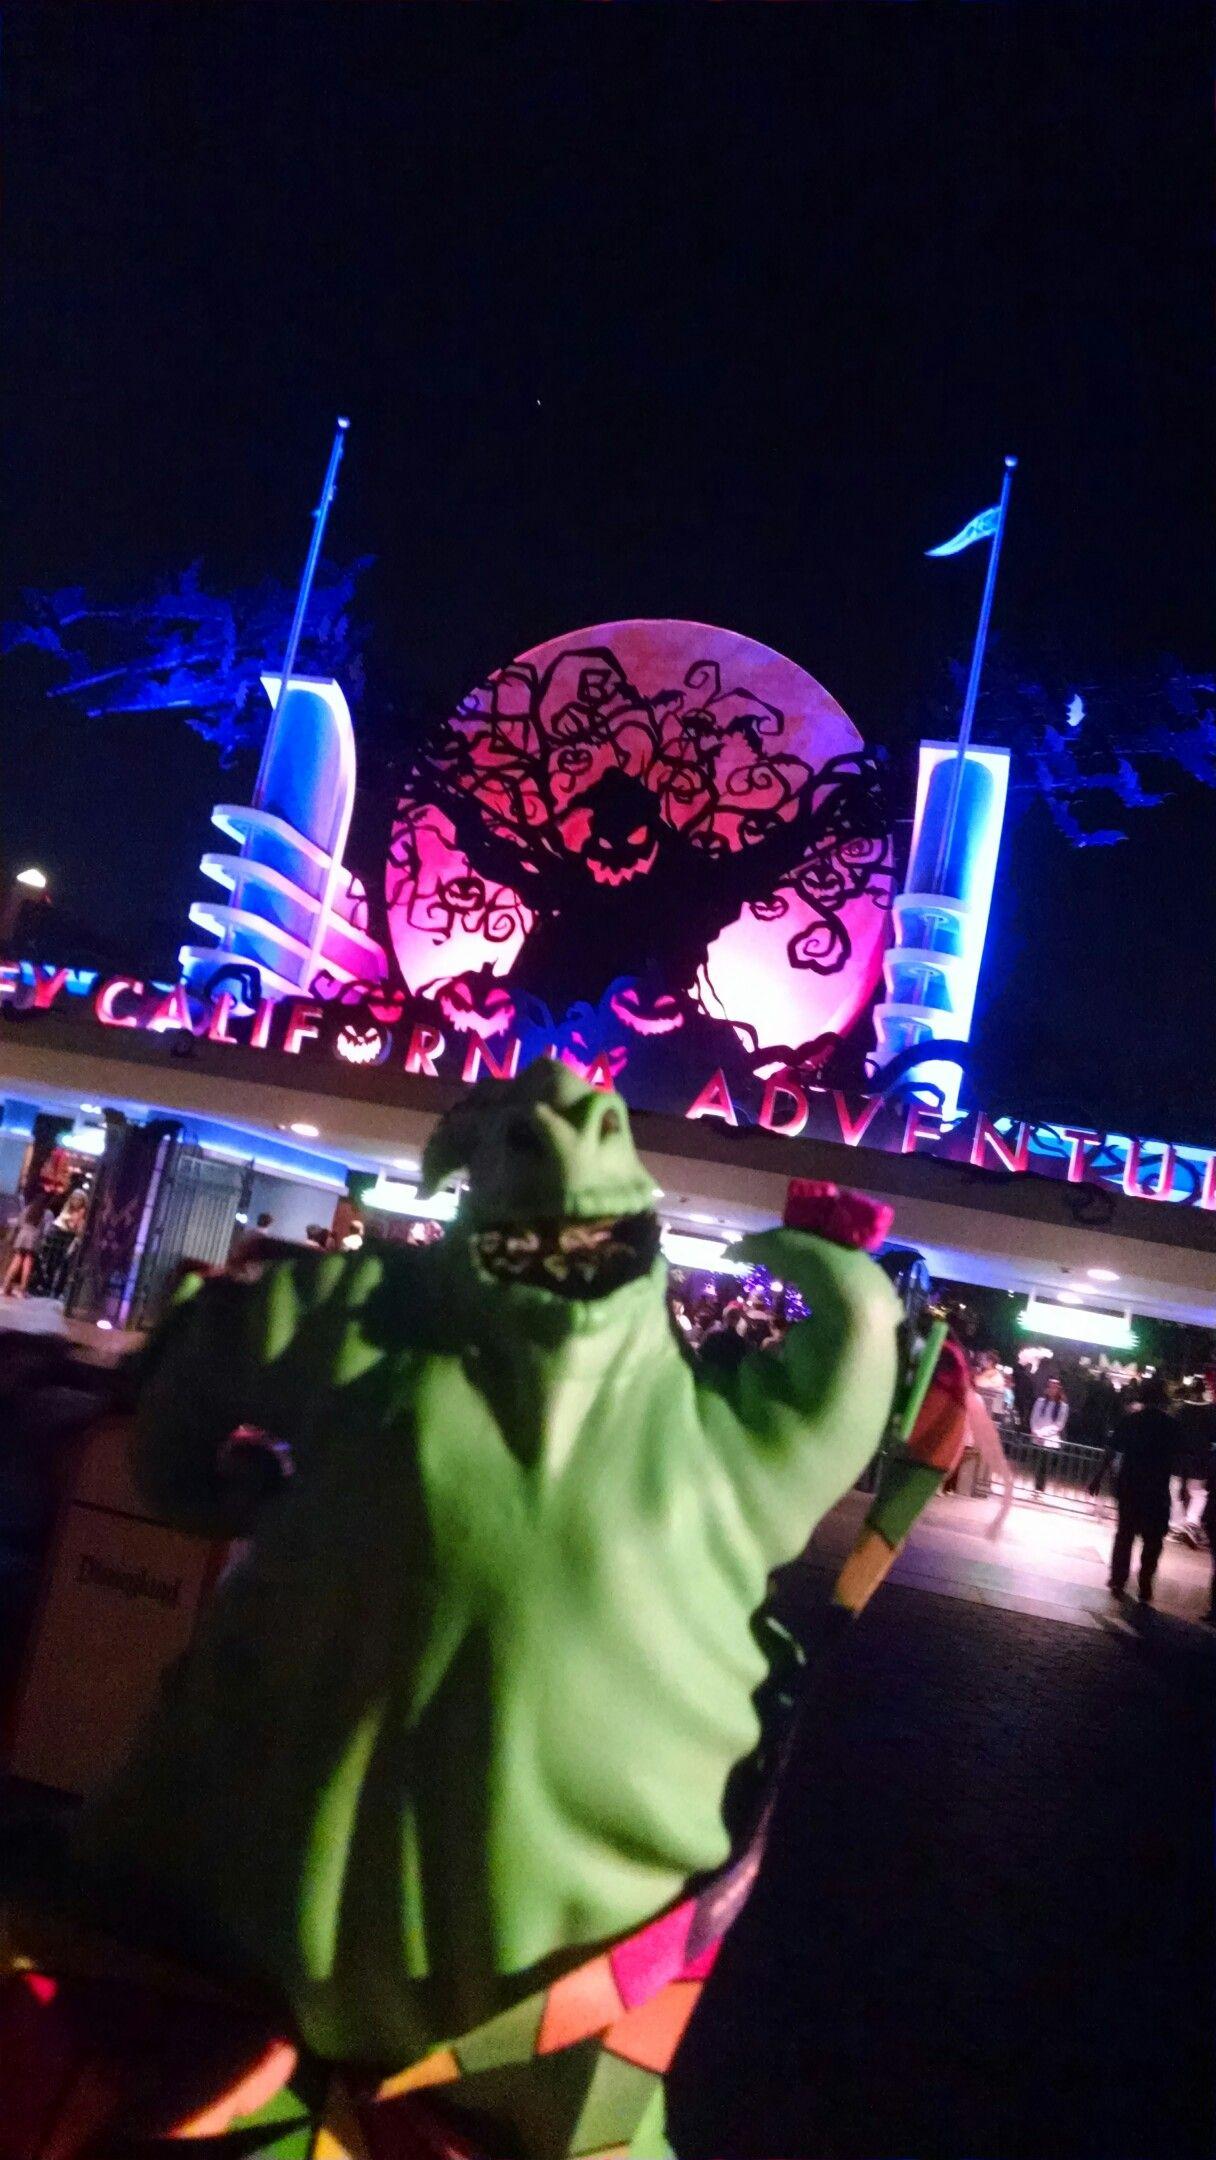 Disneyland Halloween Popcorn Bucket 2018.Oggie Boggie Popcorn Bucket Disneyland Ca 2018 Dreaming